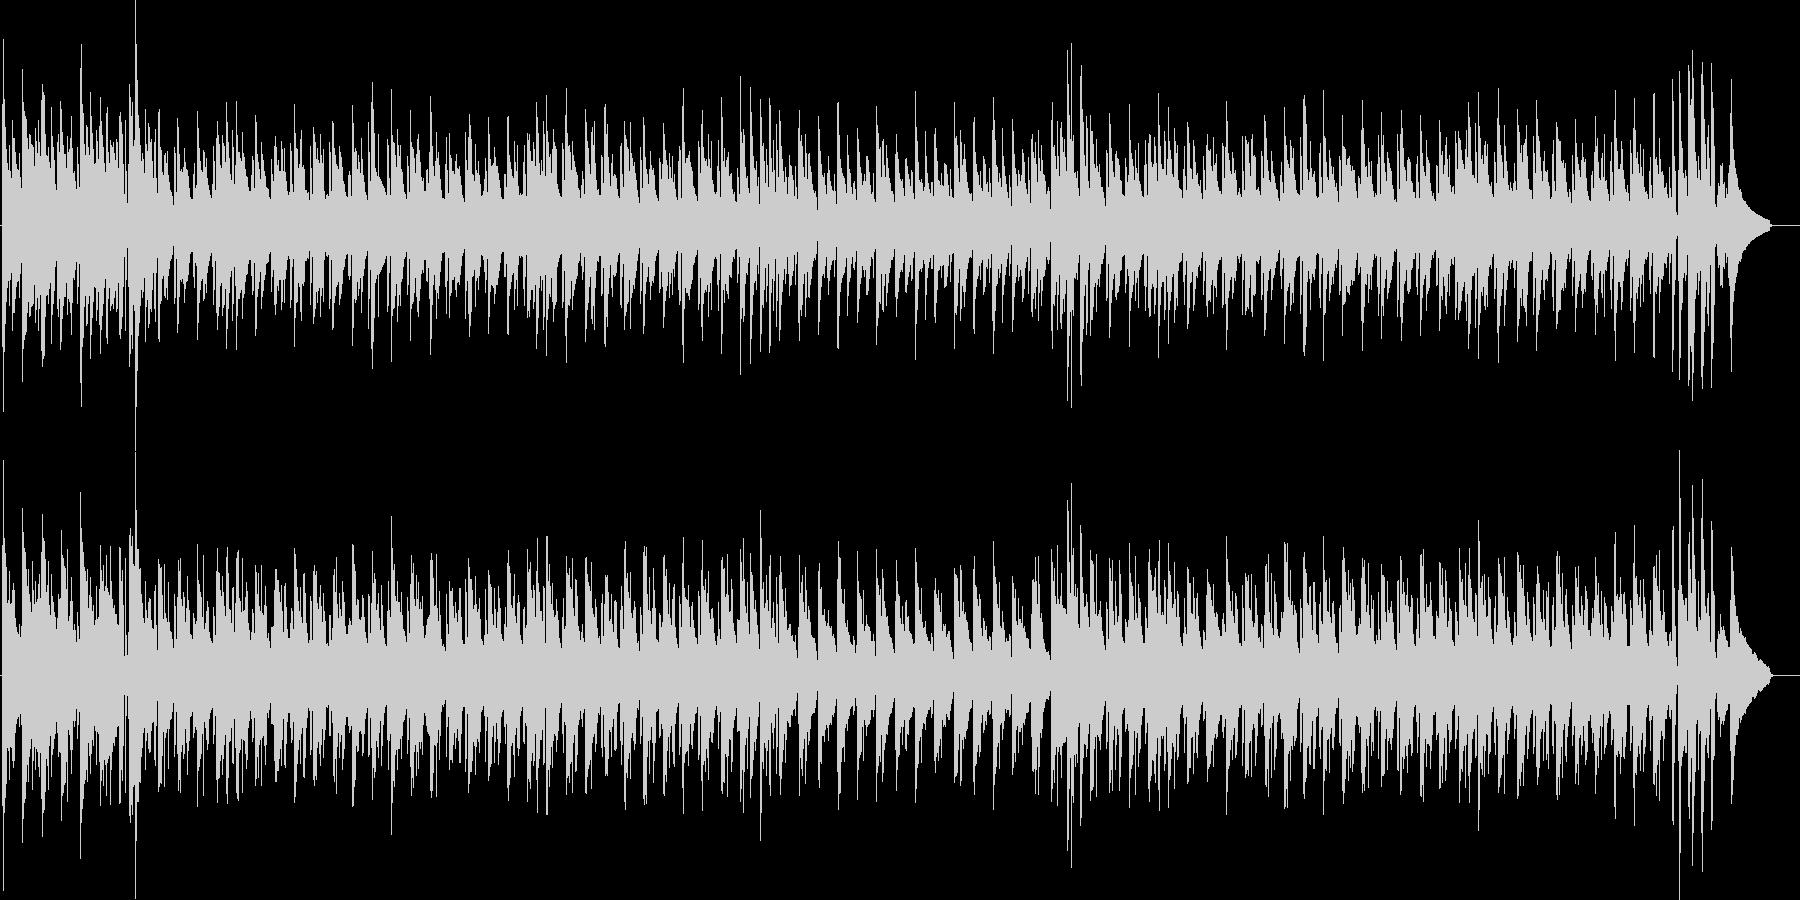 まったりハワイアンな曲の未再生の波形